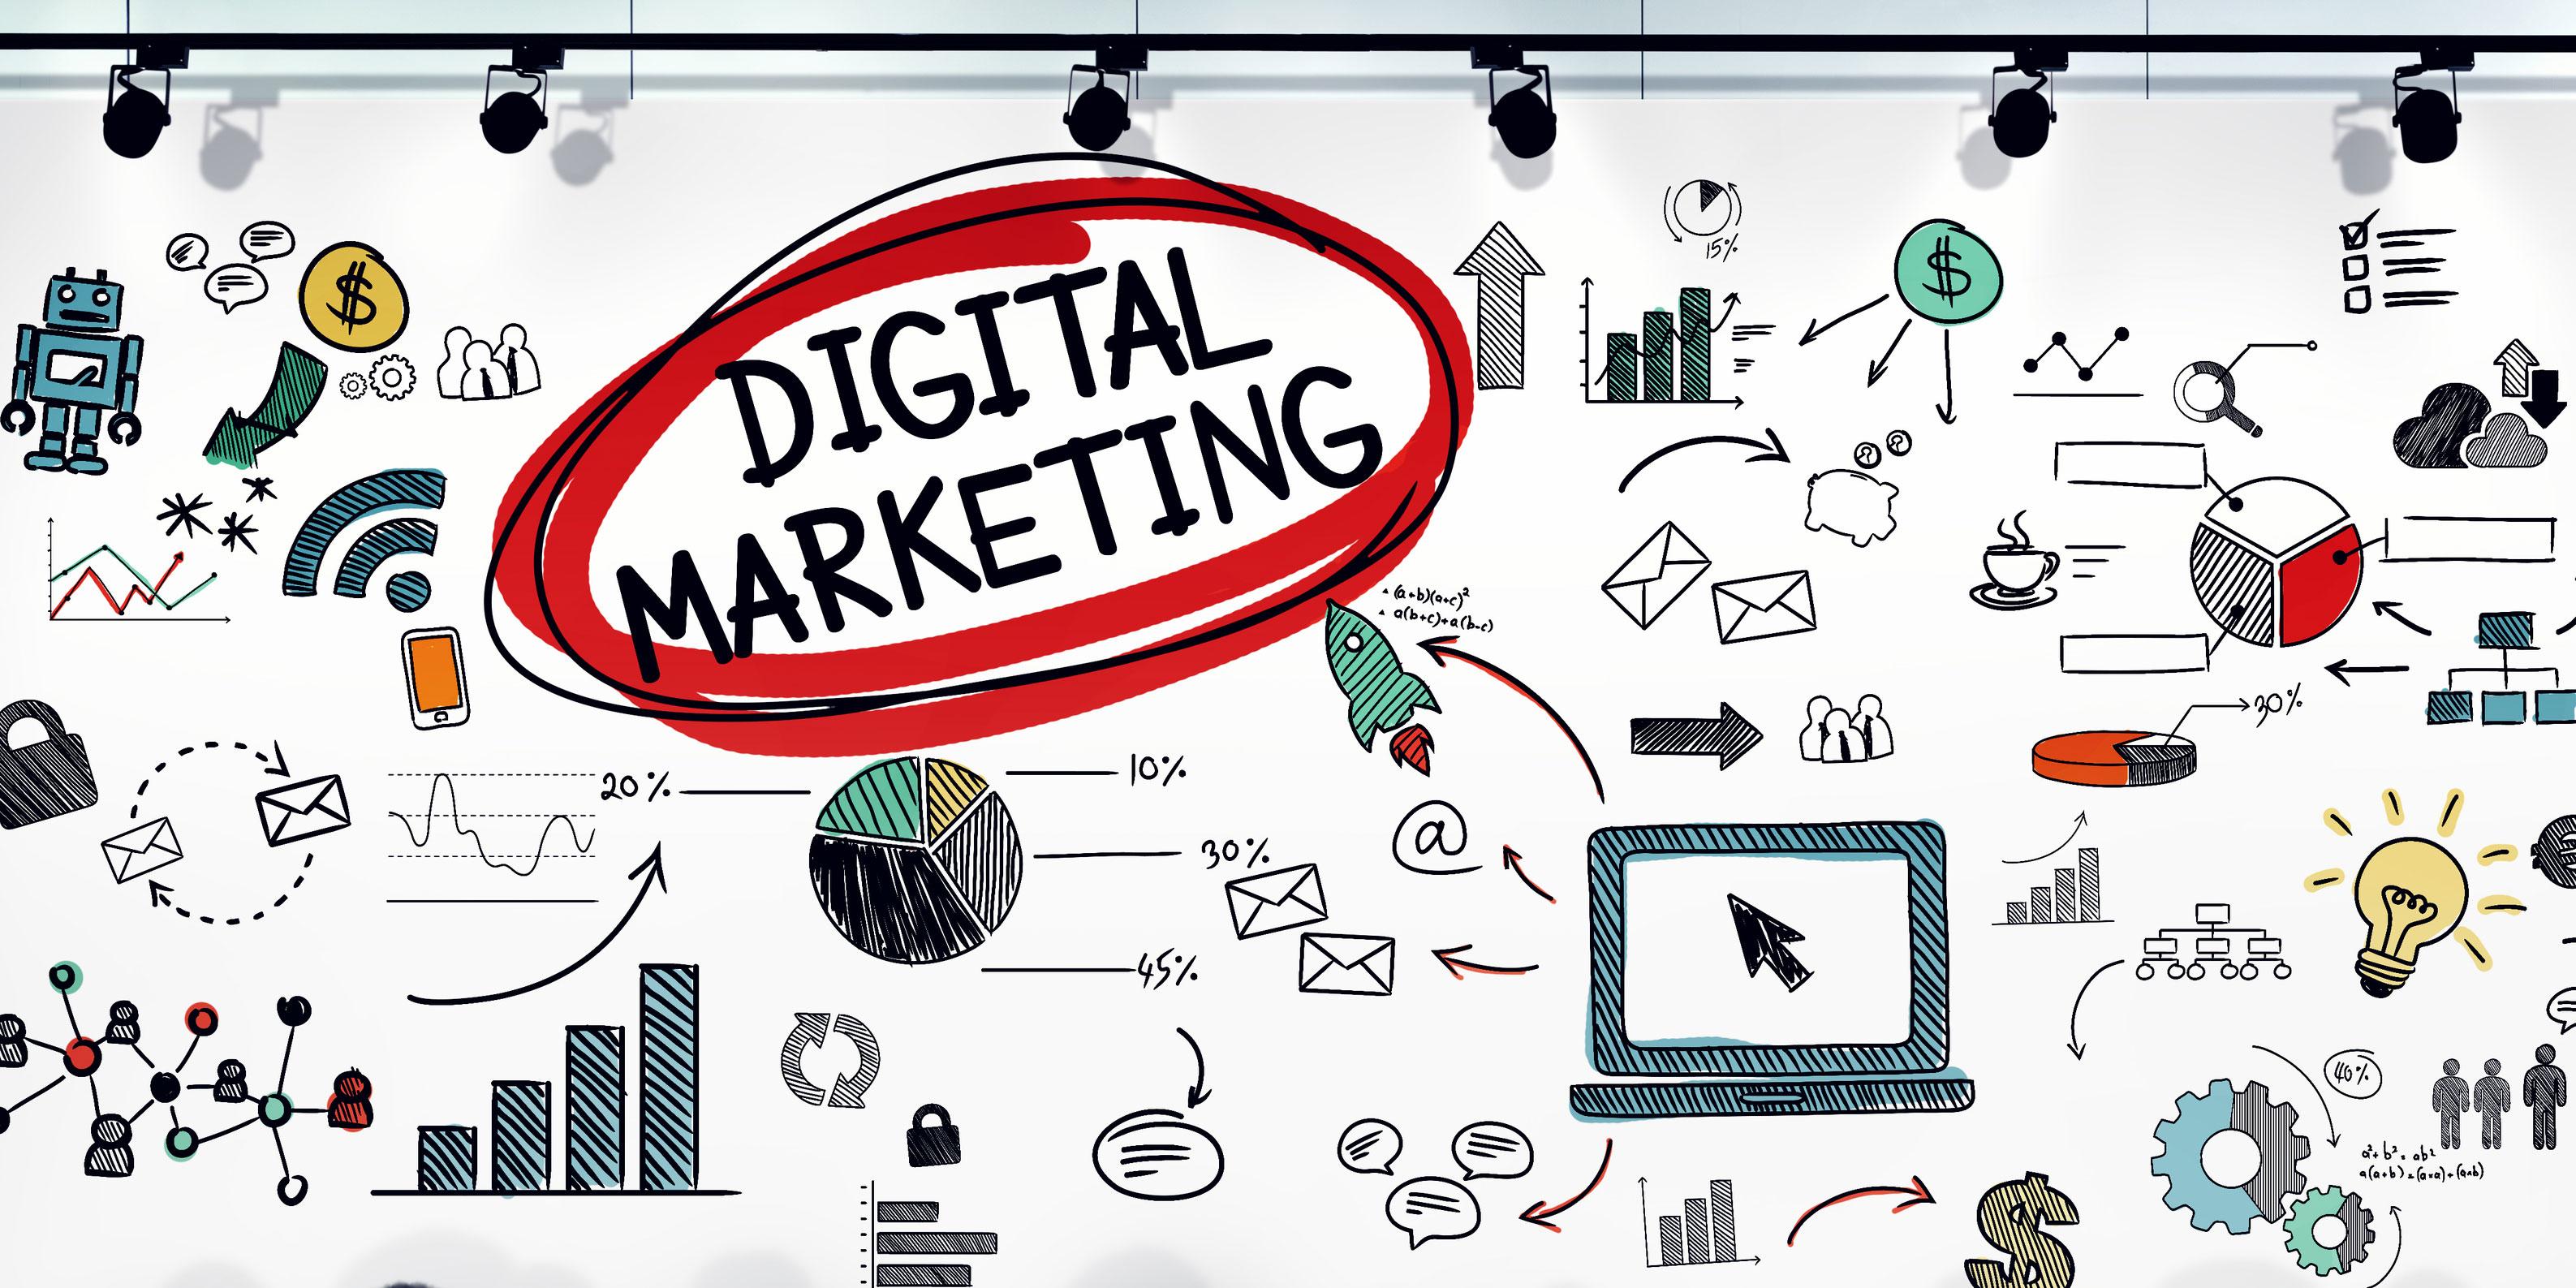 Marketing Digital: Googles Ads, Facebook, Instagram, Email.